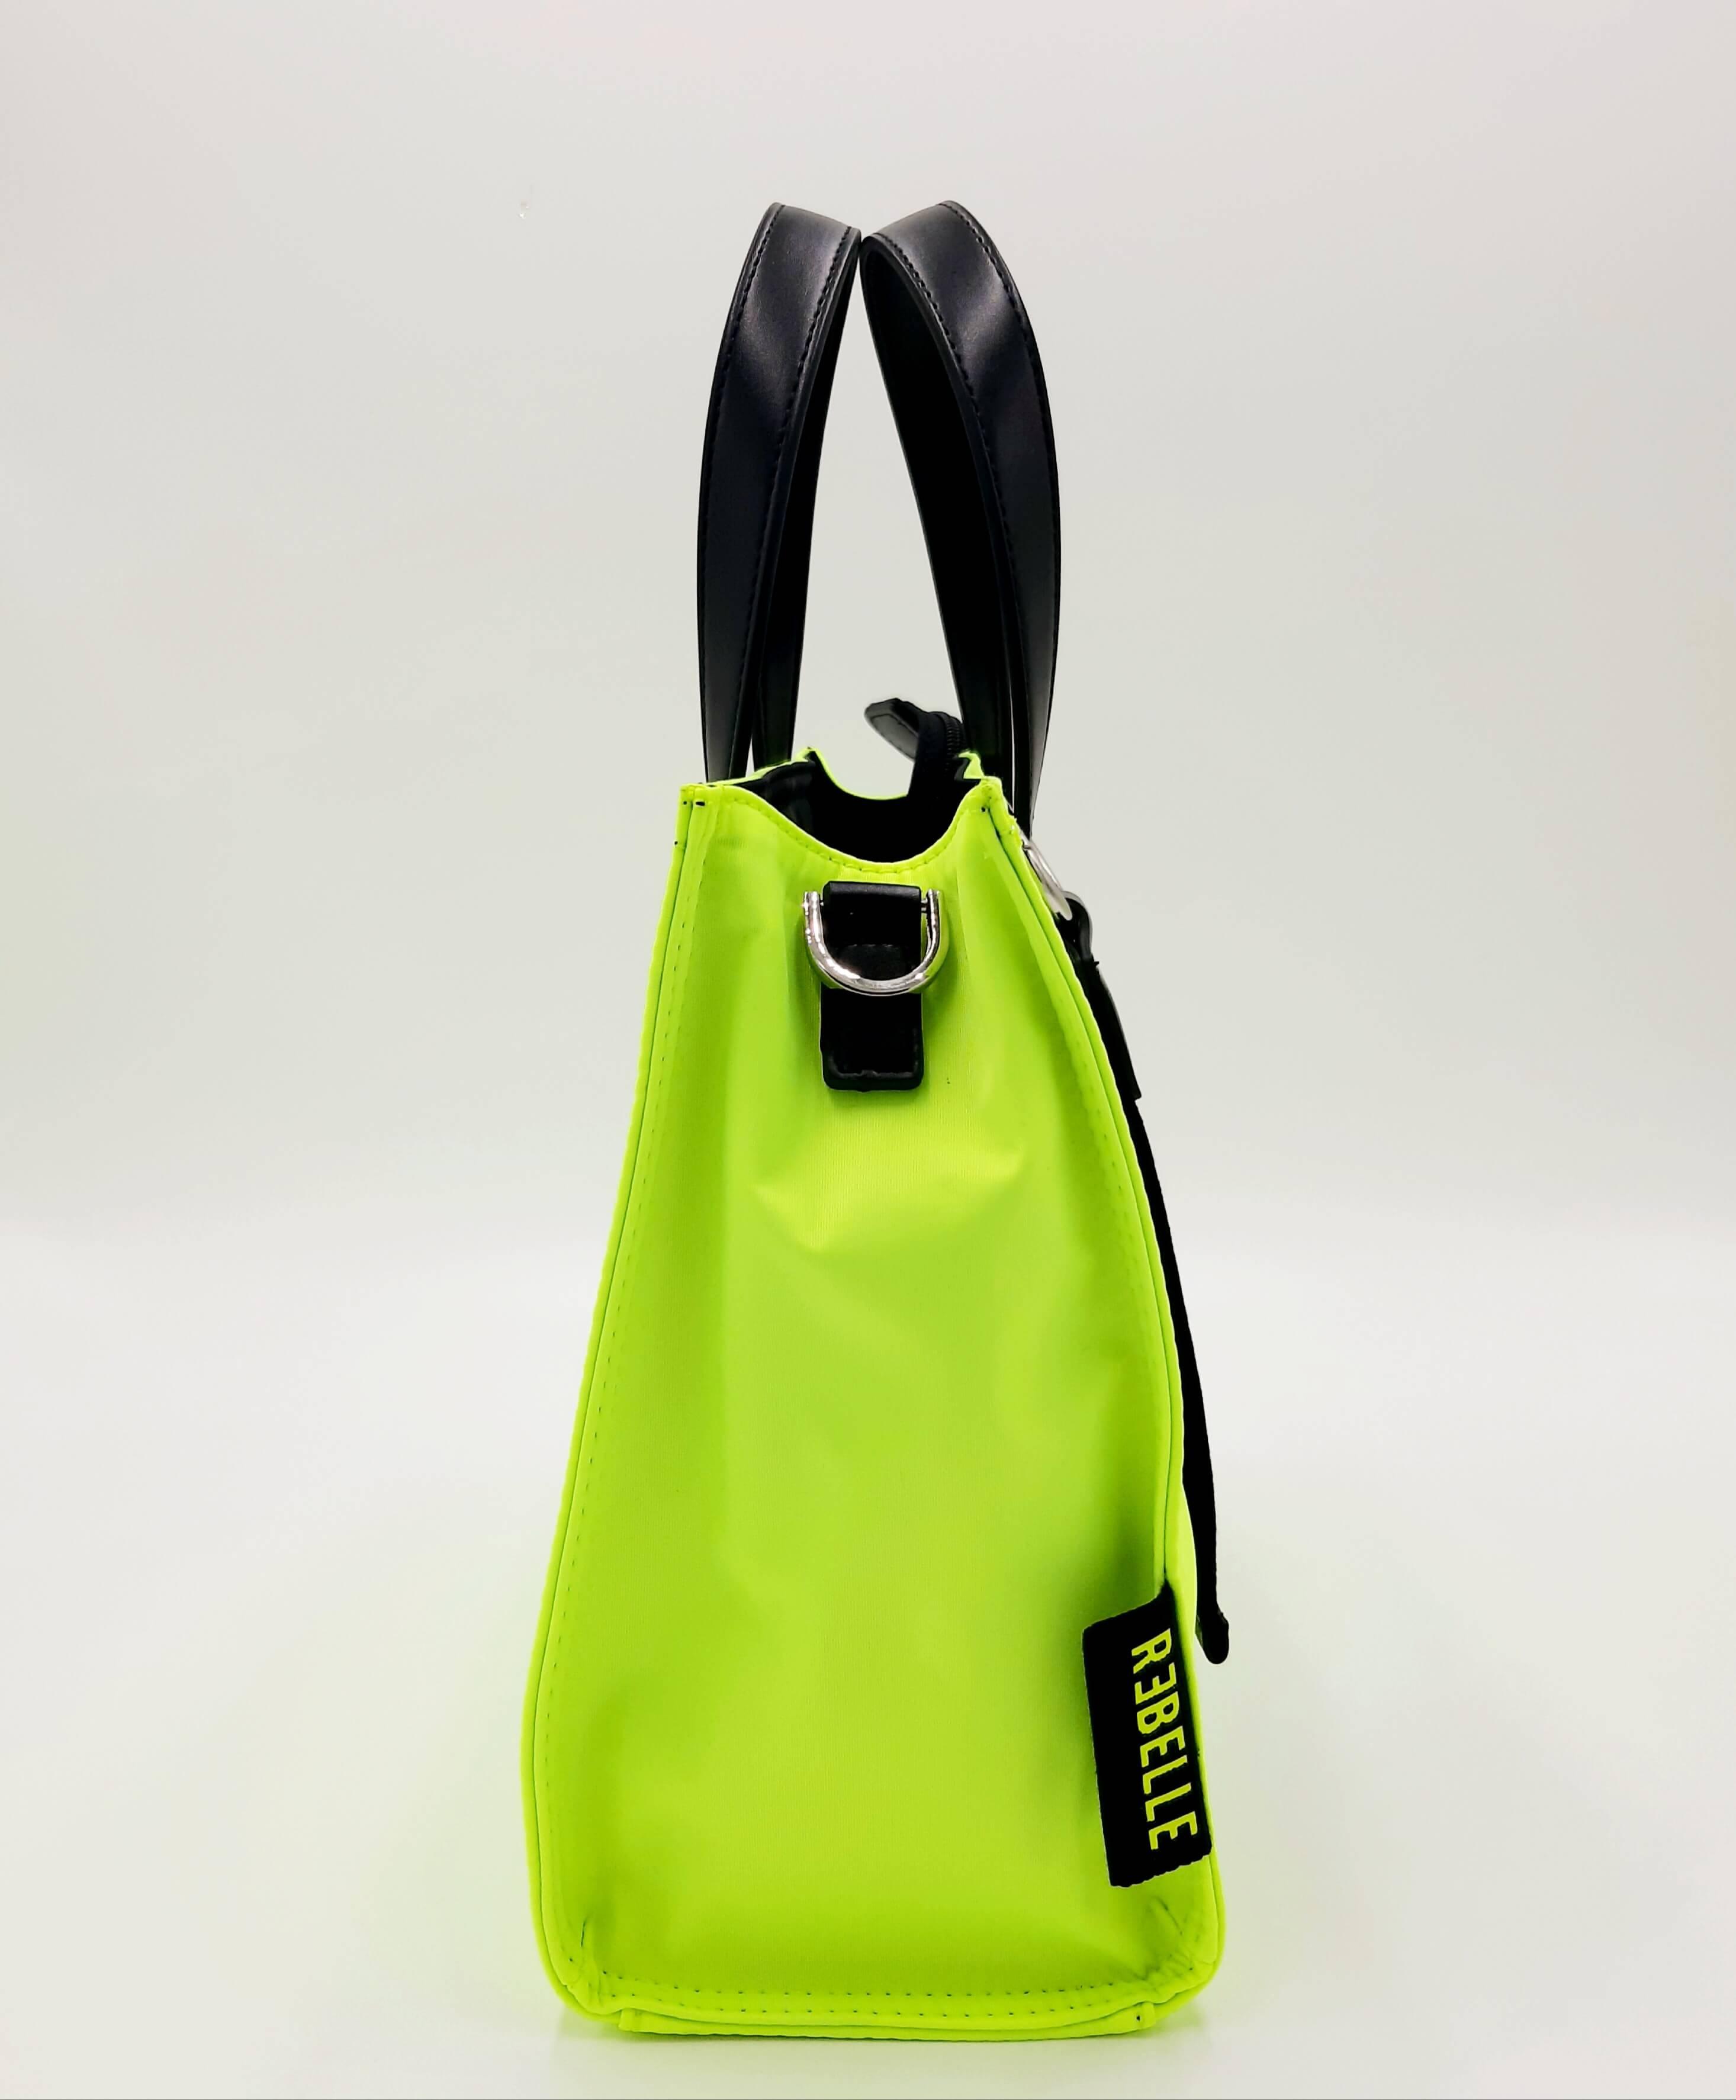 Shopping piccola gialla fluo in nylon e pelle REBELLE